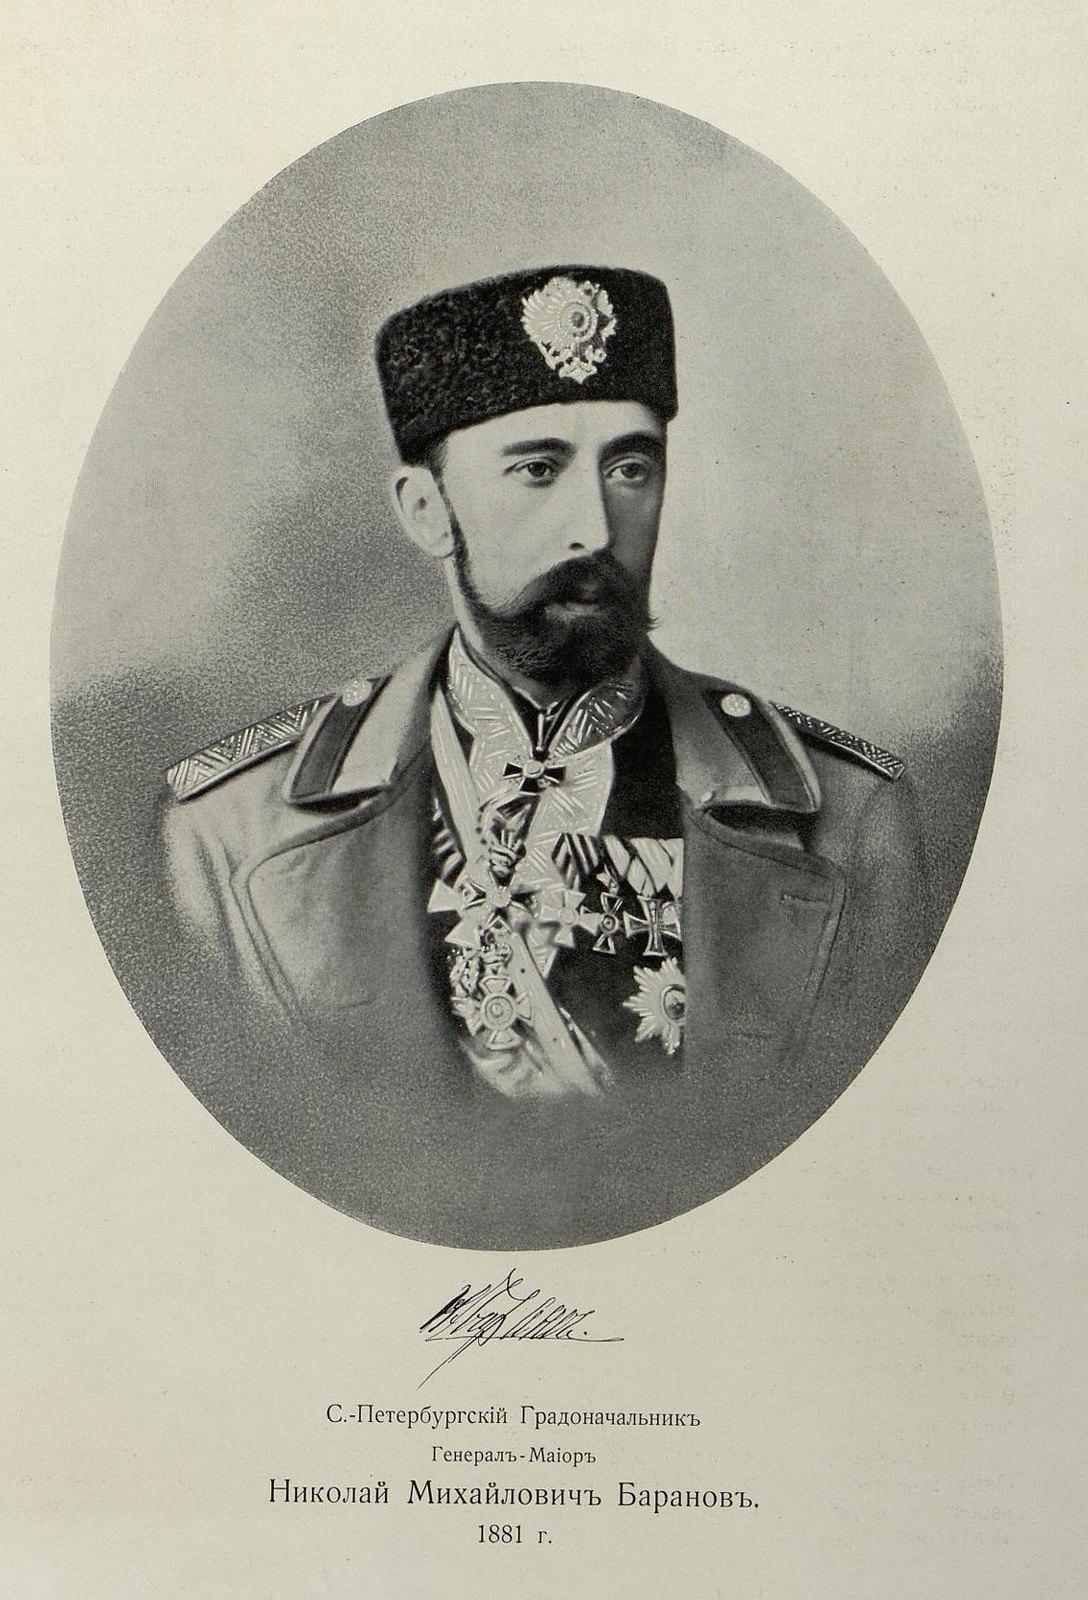 12. Портрет Николая Михайловича Баранова